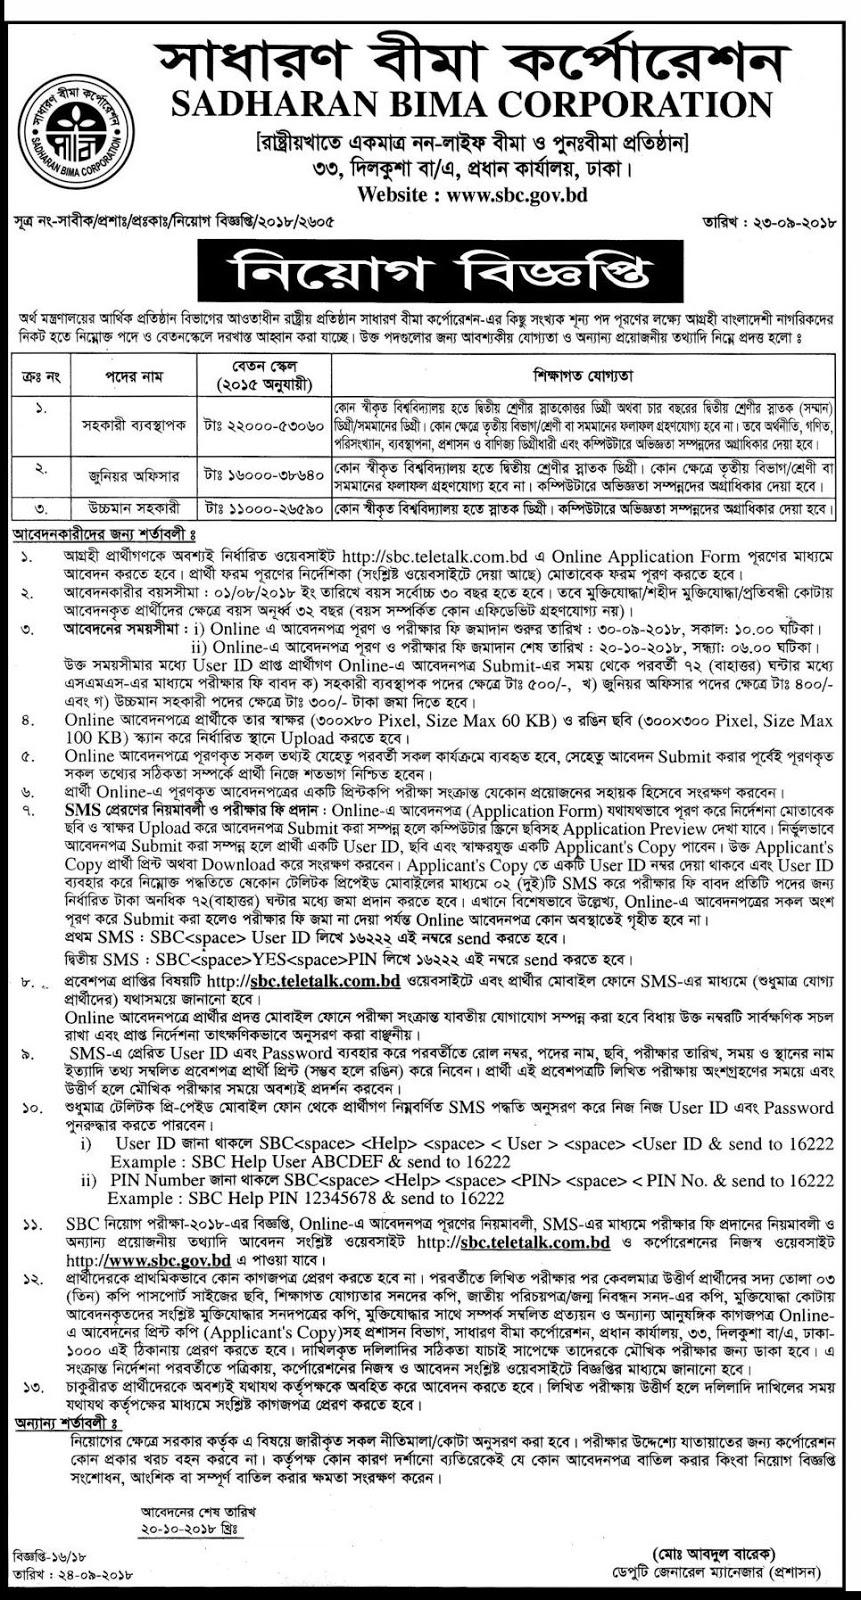 Sadharan Bima Corporation (SBC) Job Circular 2018